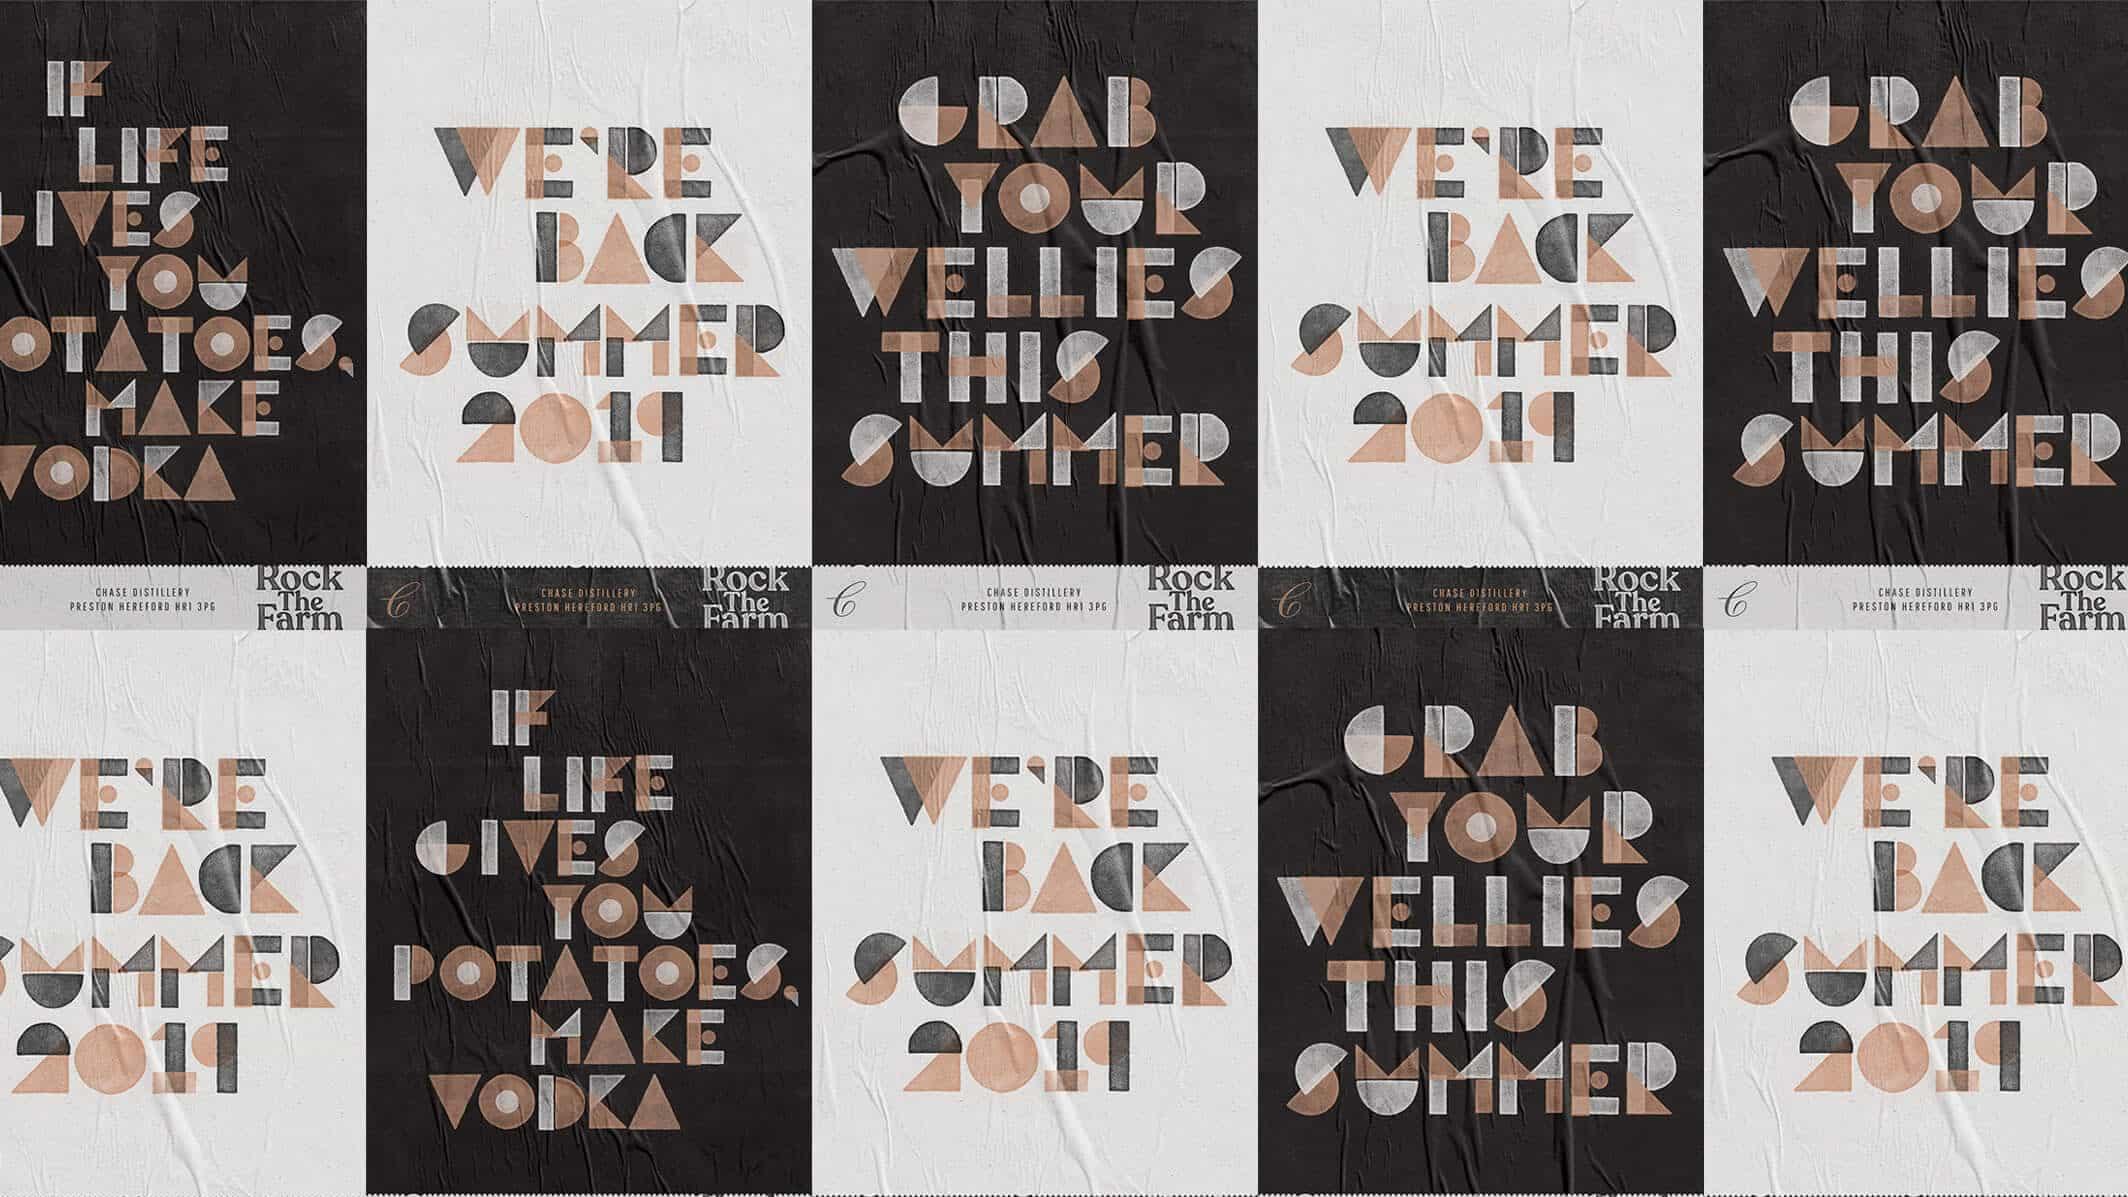 diseños de carteles: 46 ejemplos de inspiración